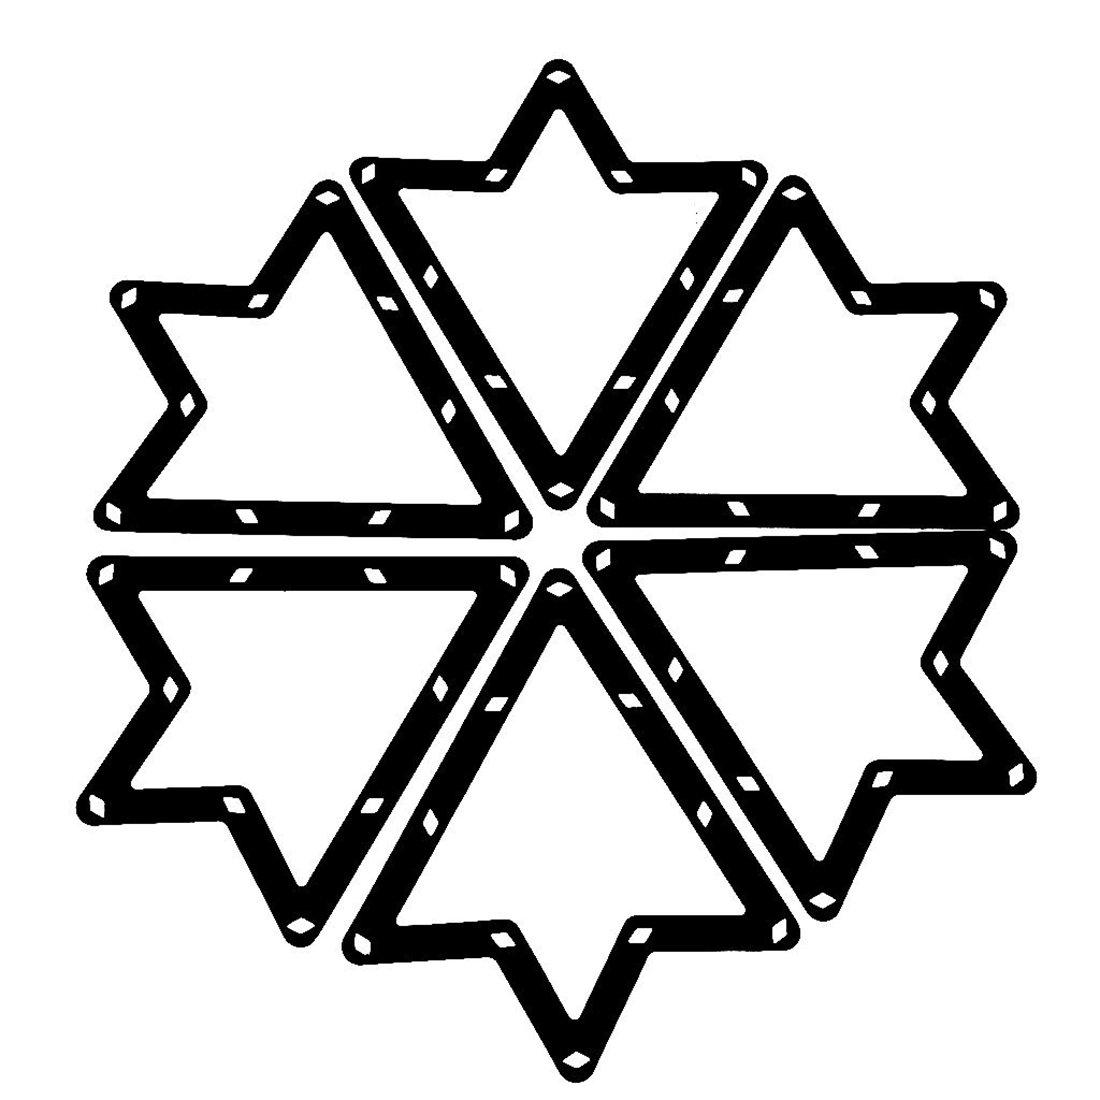 Estante de magia - SODIAL(R) 6pzs Estante de magia Accesorios de taco de hoja de billar negro 9 y 10 bolas